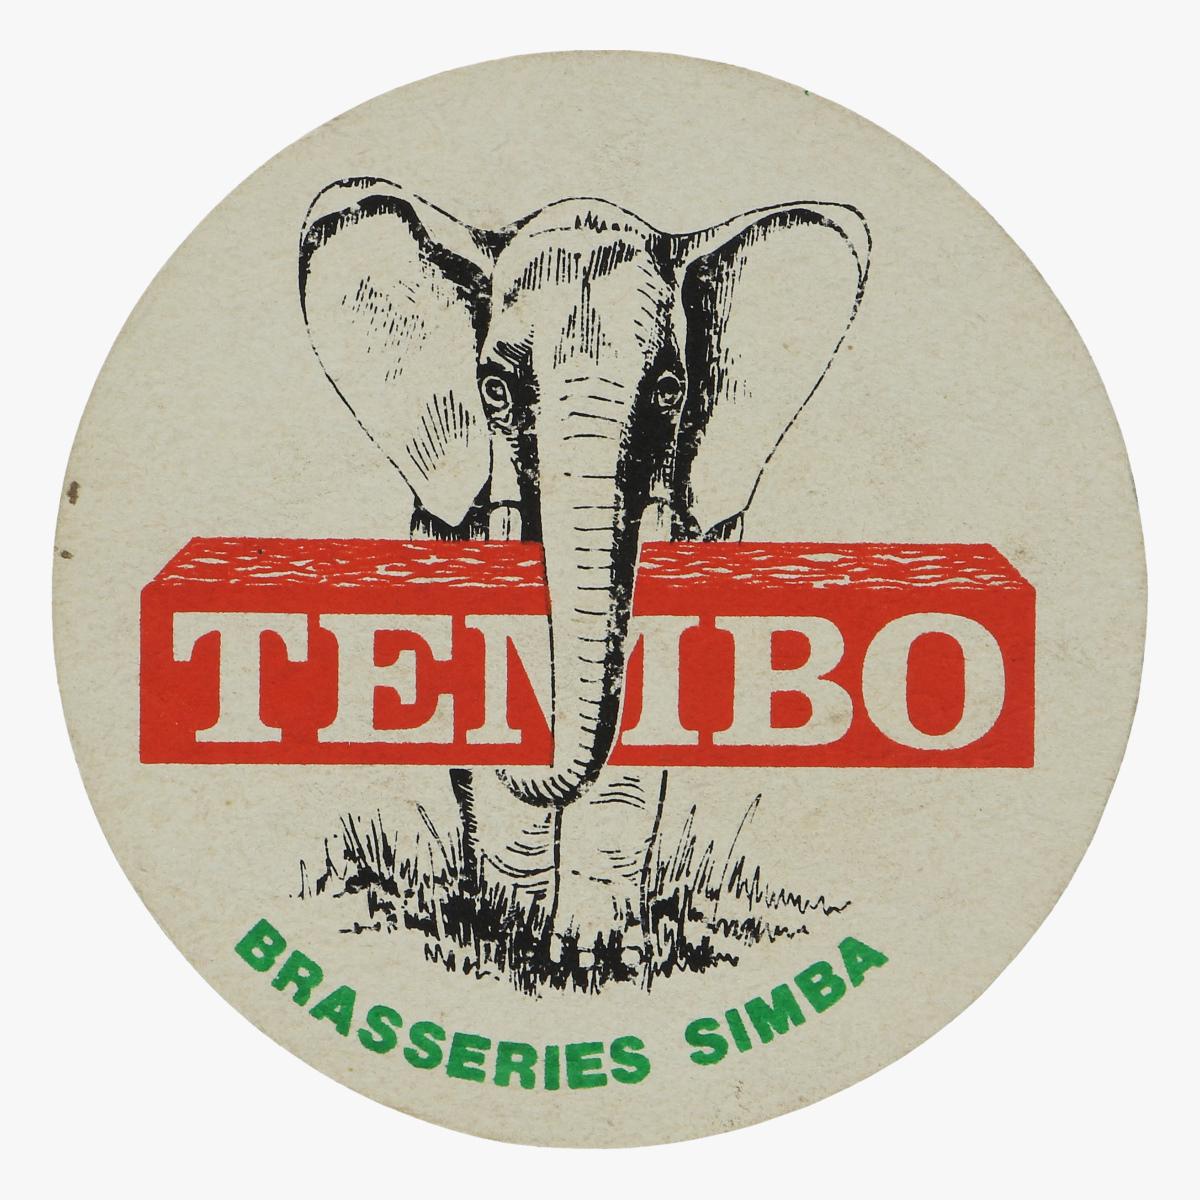 Afbeeldingen van bierkaartje tembo Simba brasseries